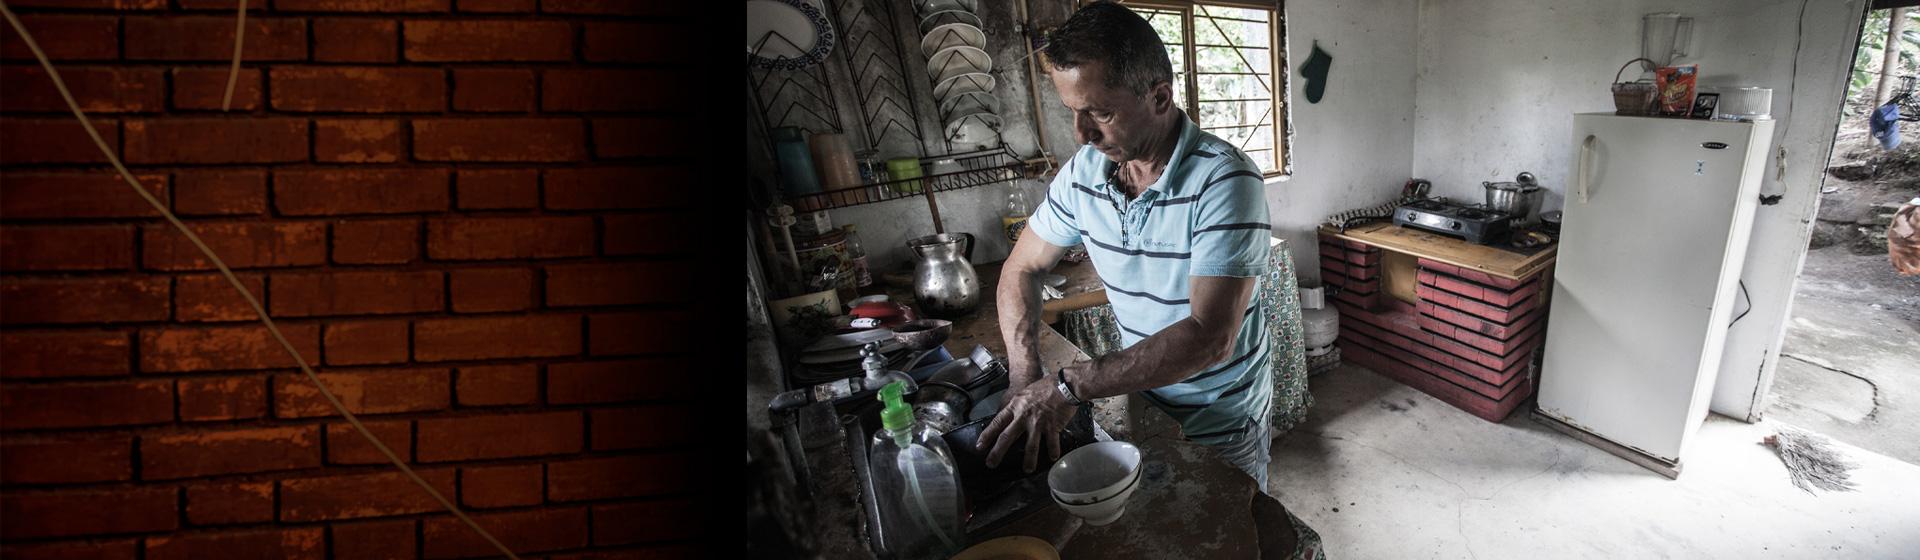 Hombre lavando y cocinando.